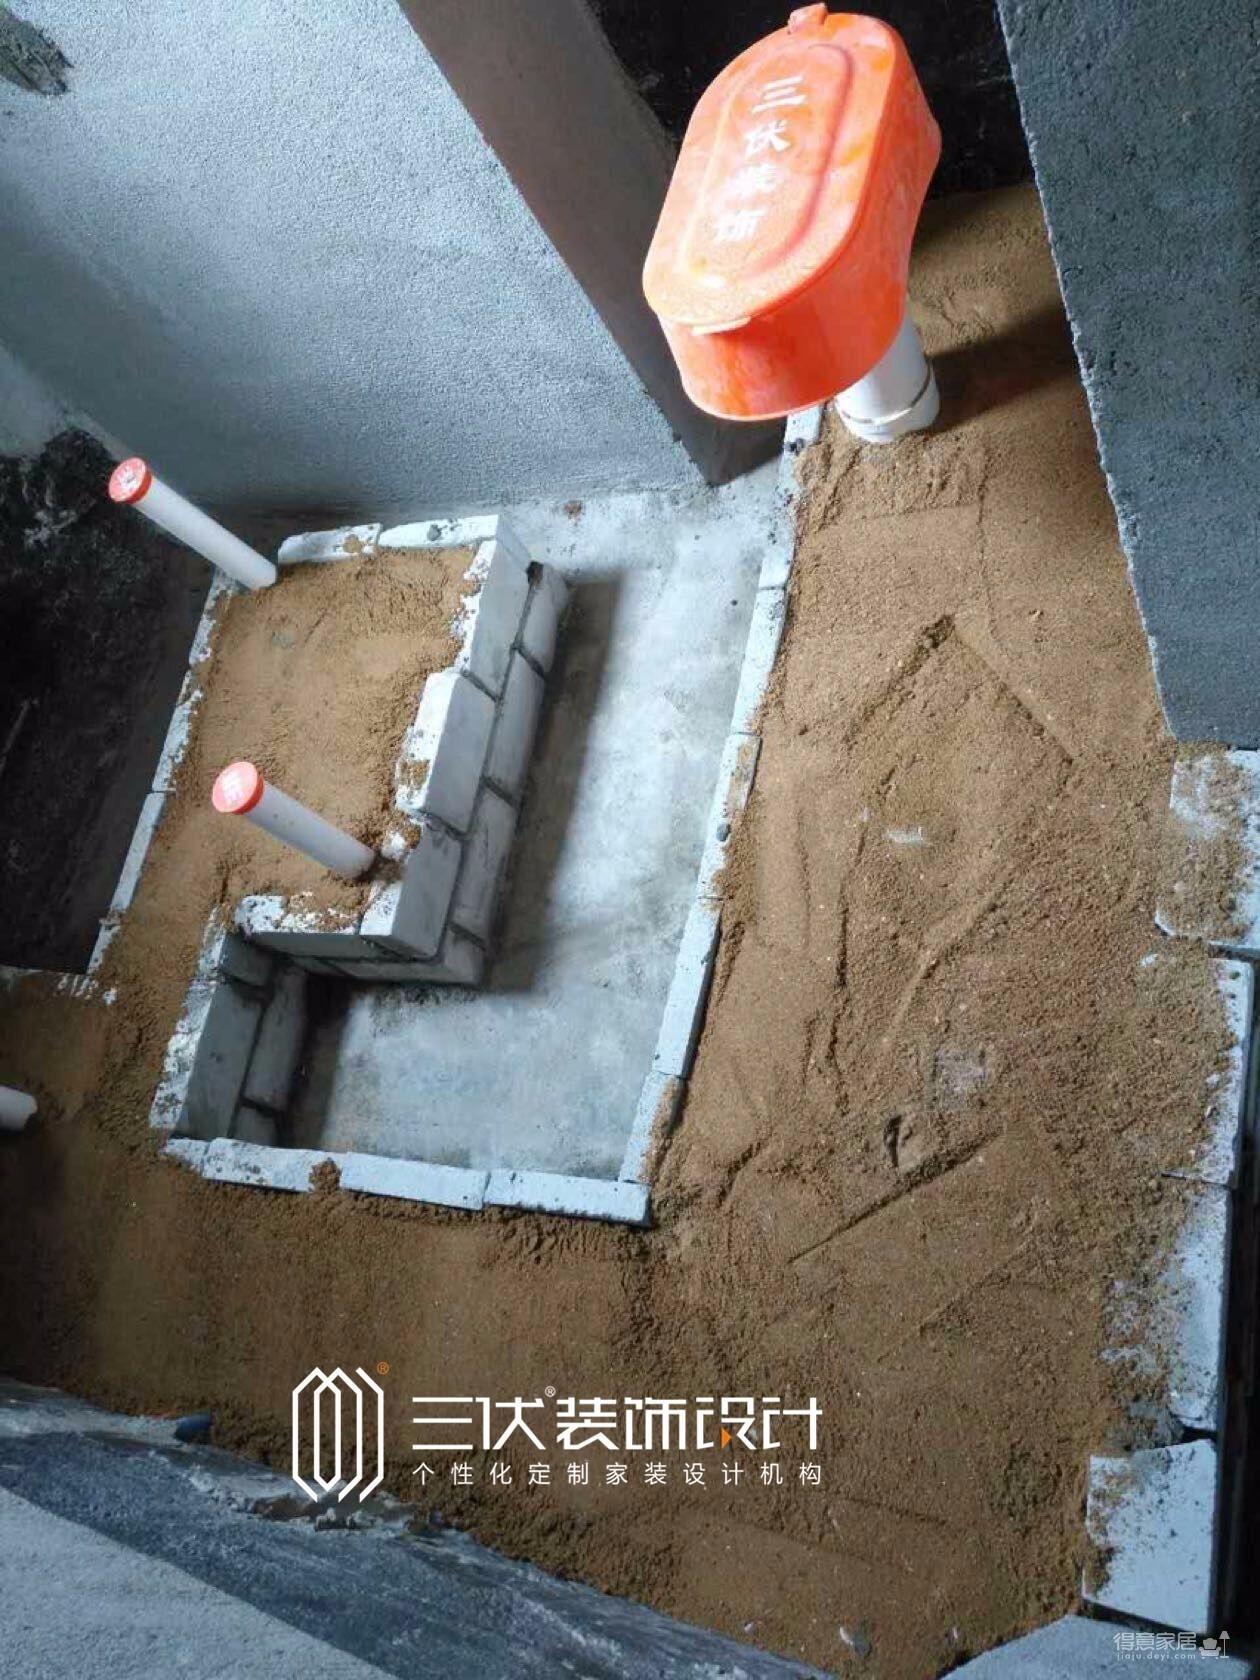 《优家工程》—洗手间回填图_3